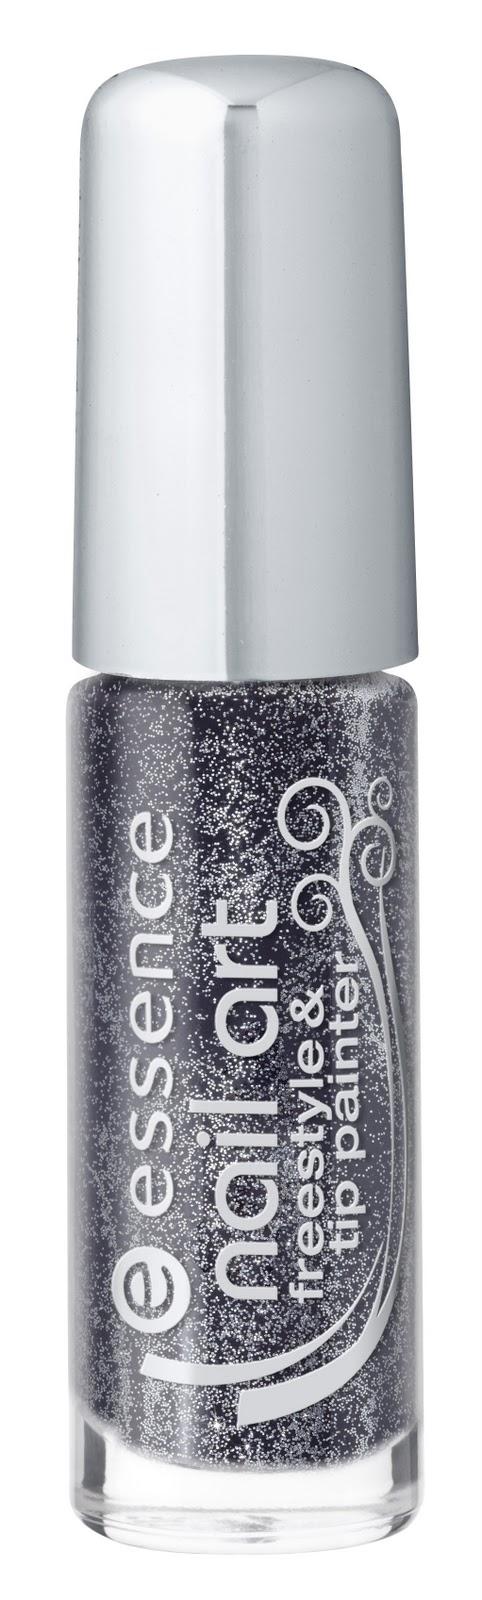 Essence Rock N Doll Duo Stylist Eyeliner Pen Review Nail Art Tattoo Prezzo Ideas